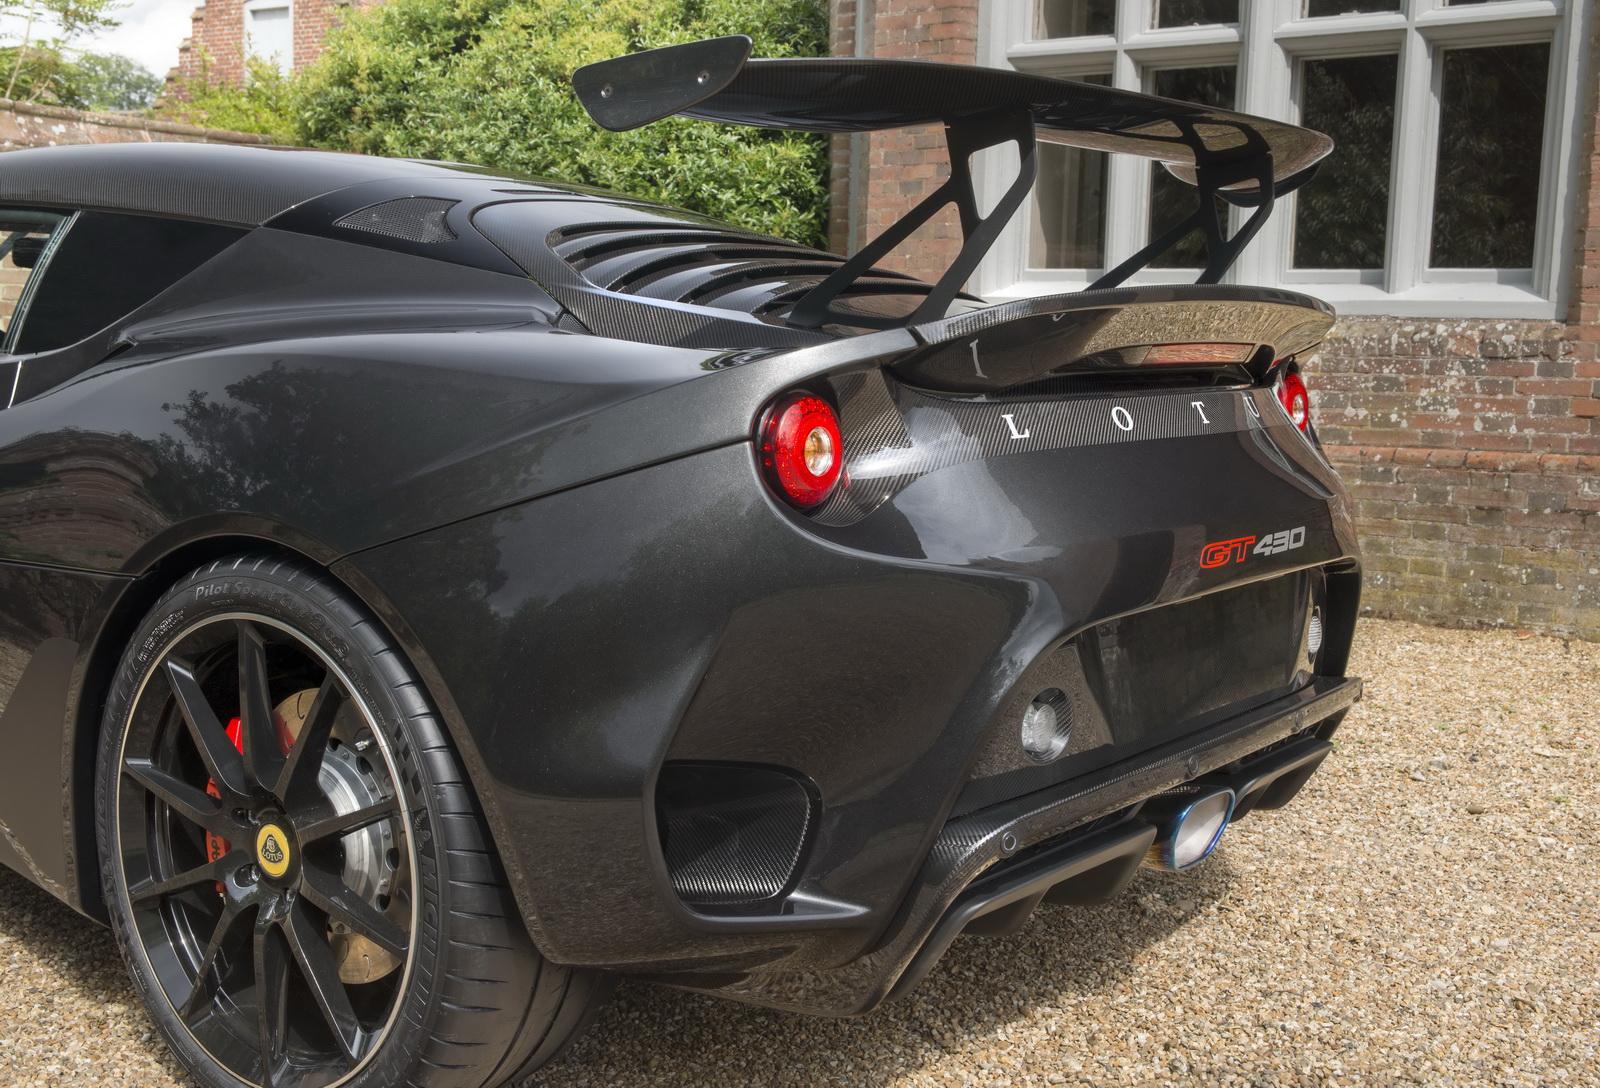 Lotus-Evora-GT430-09